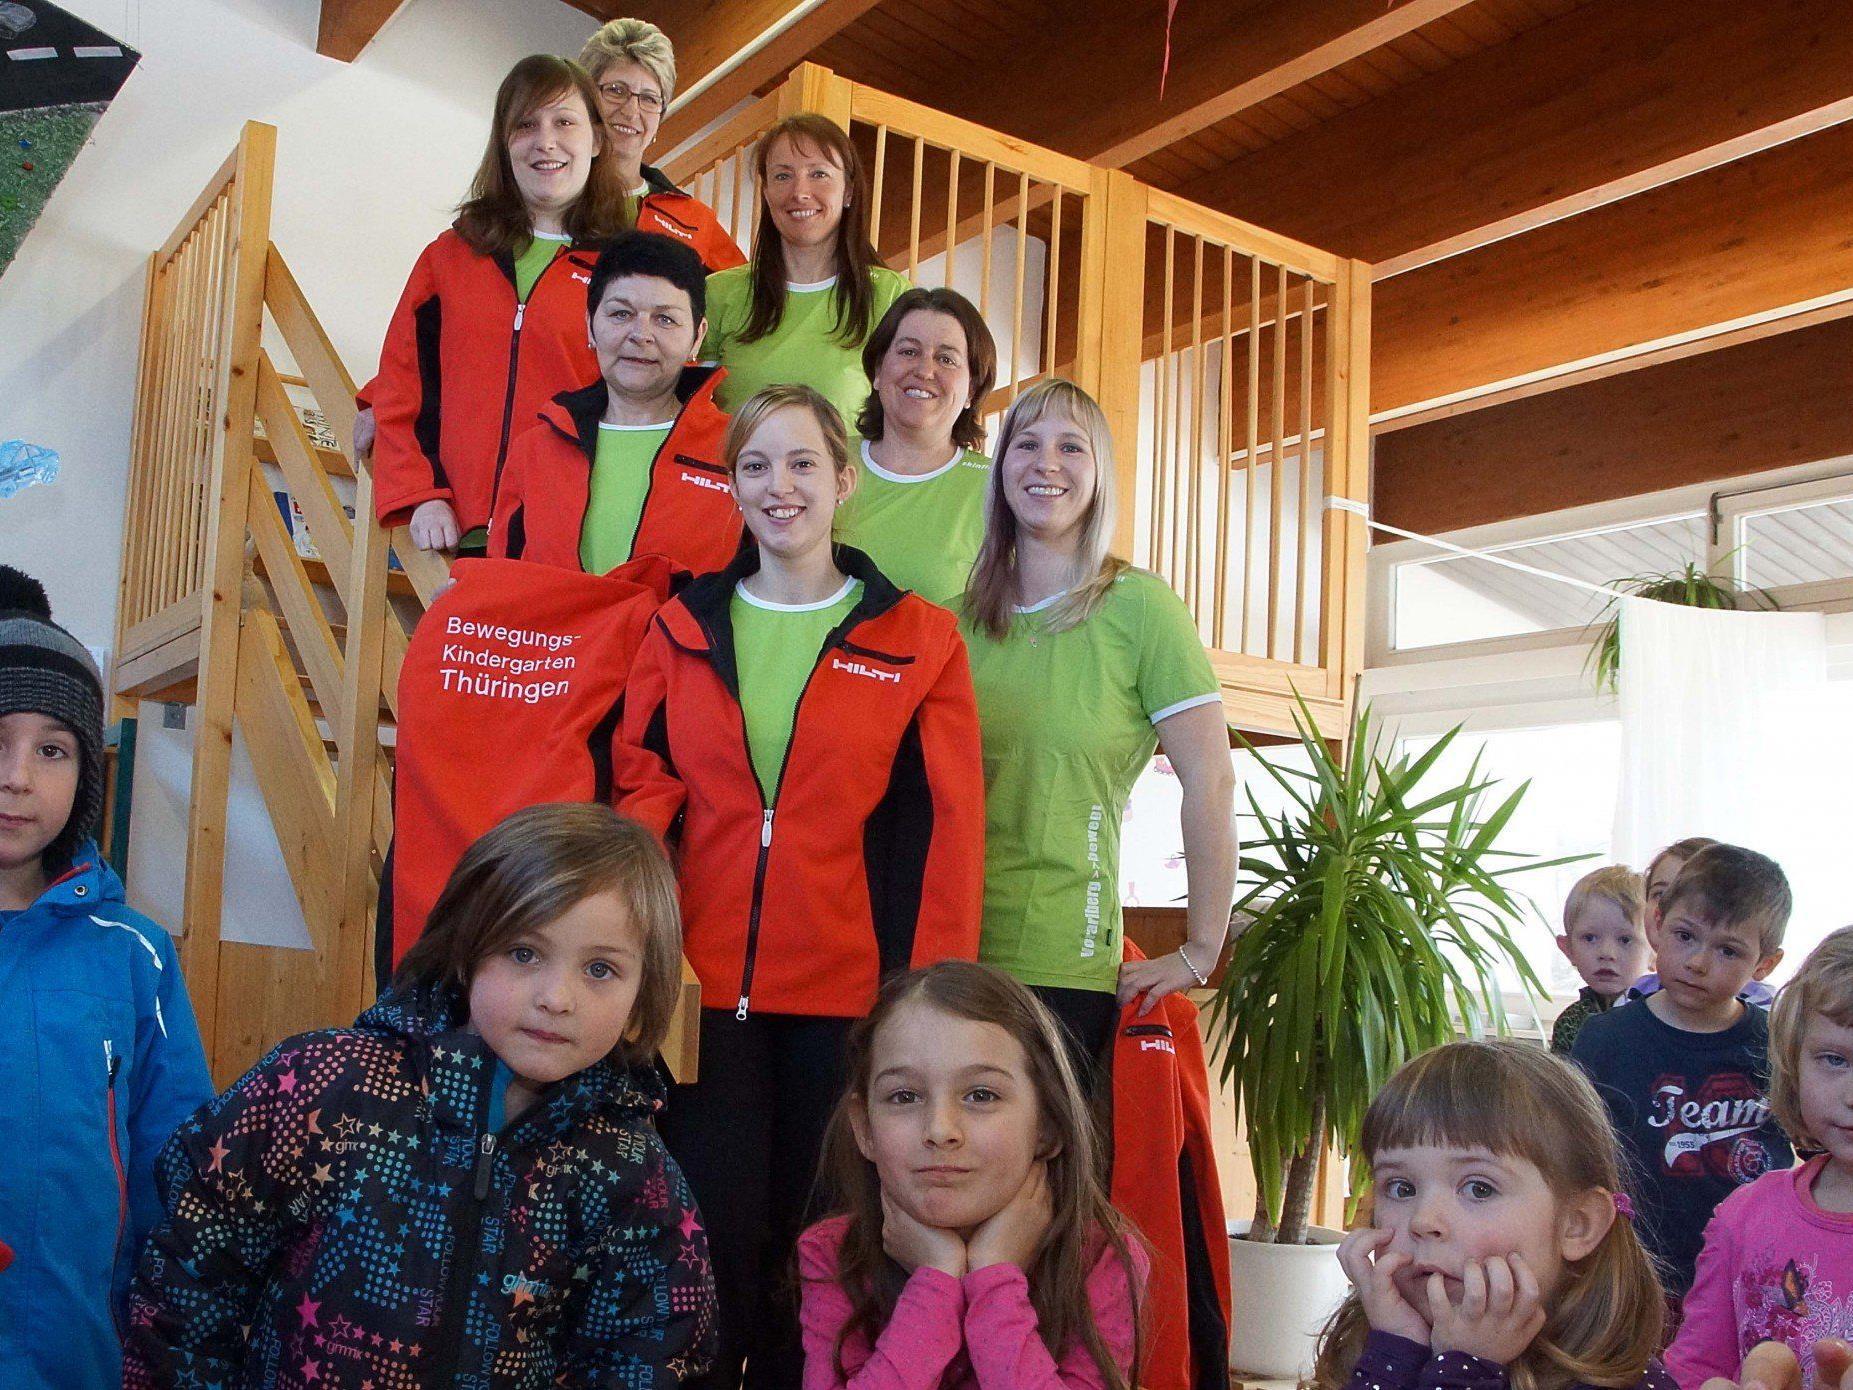 Das Thüringer Kindergartenteam tritt in neuem Outfit auf.